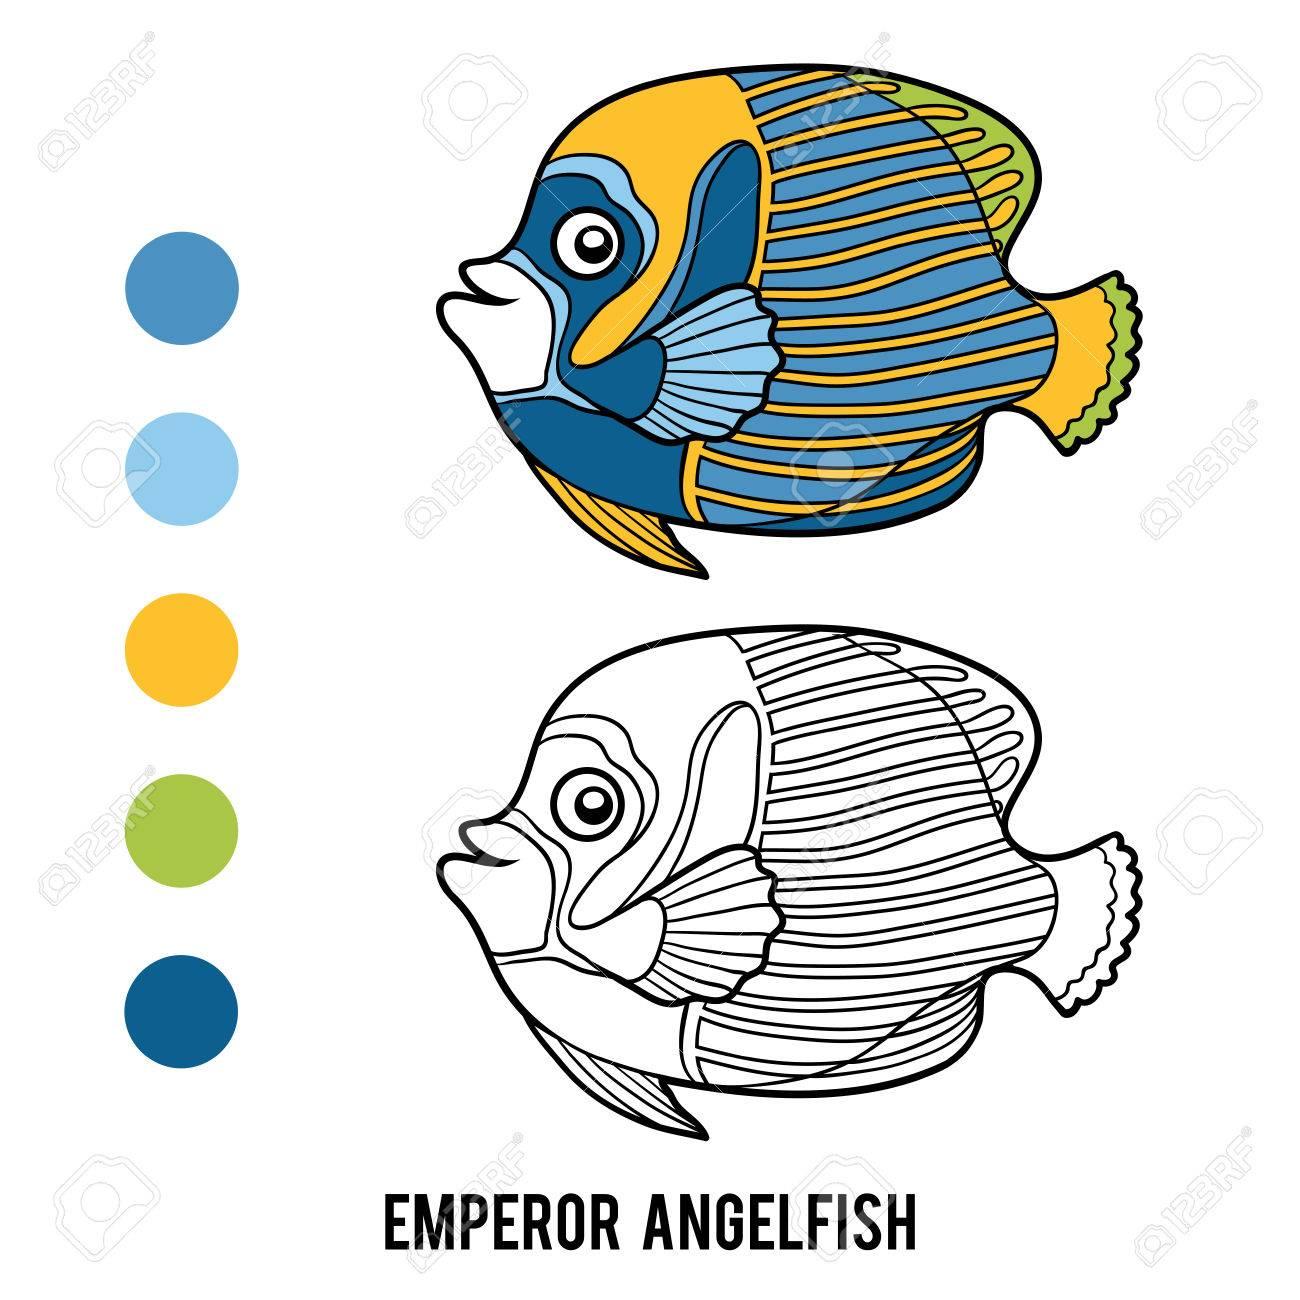 Coloring Book For Children Emperor Angelfish Stock Vector